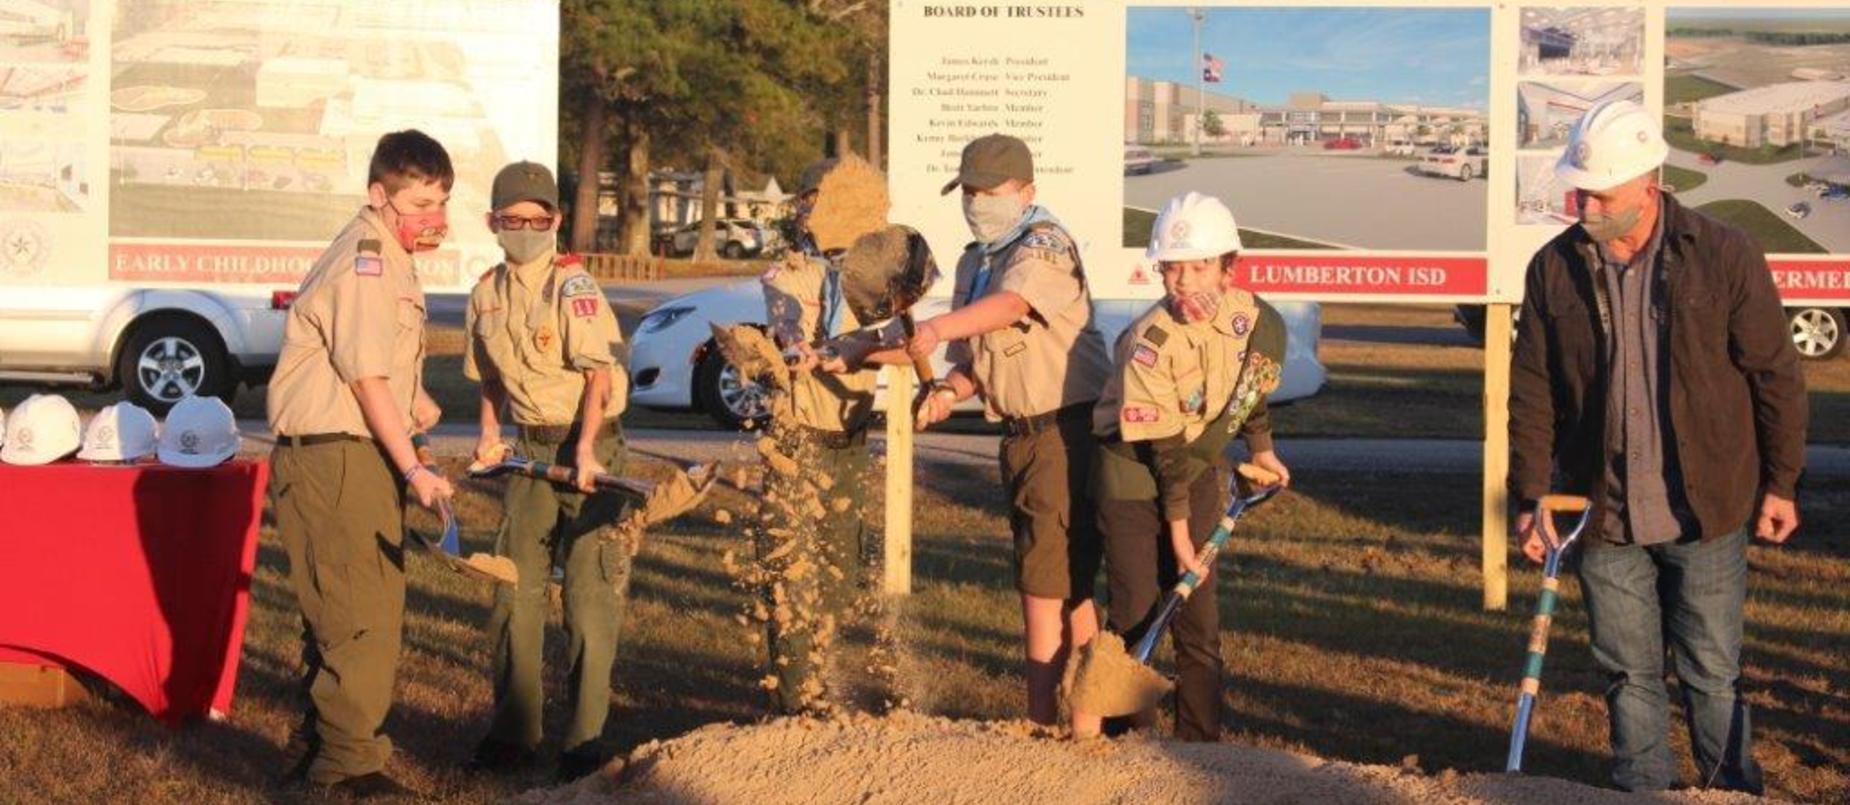 LISD Groundbreaking Ceremony - Scouts